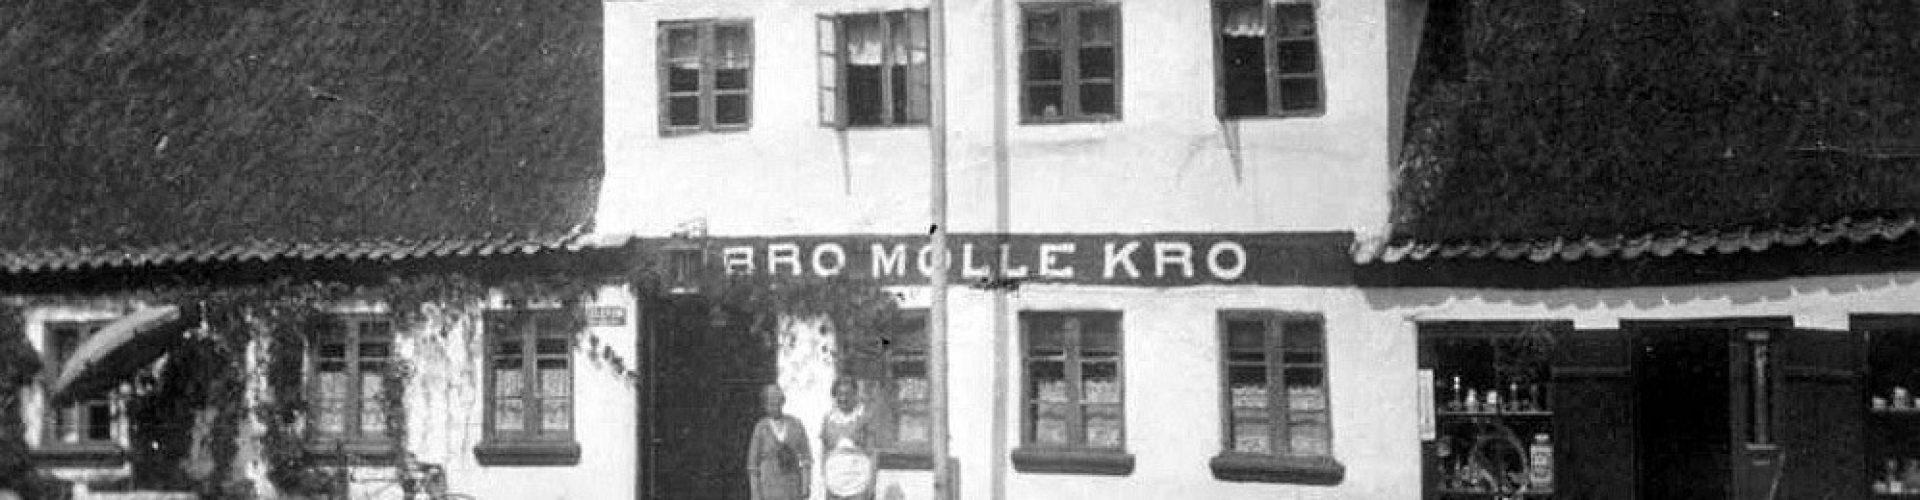 1910 aflangt